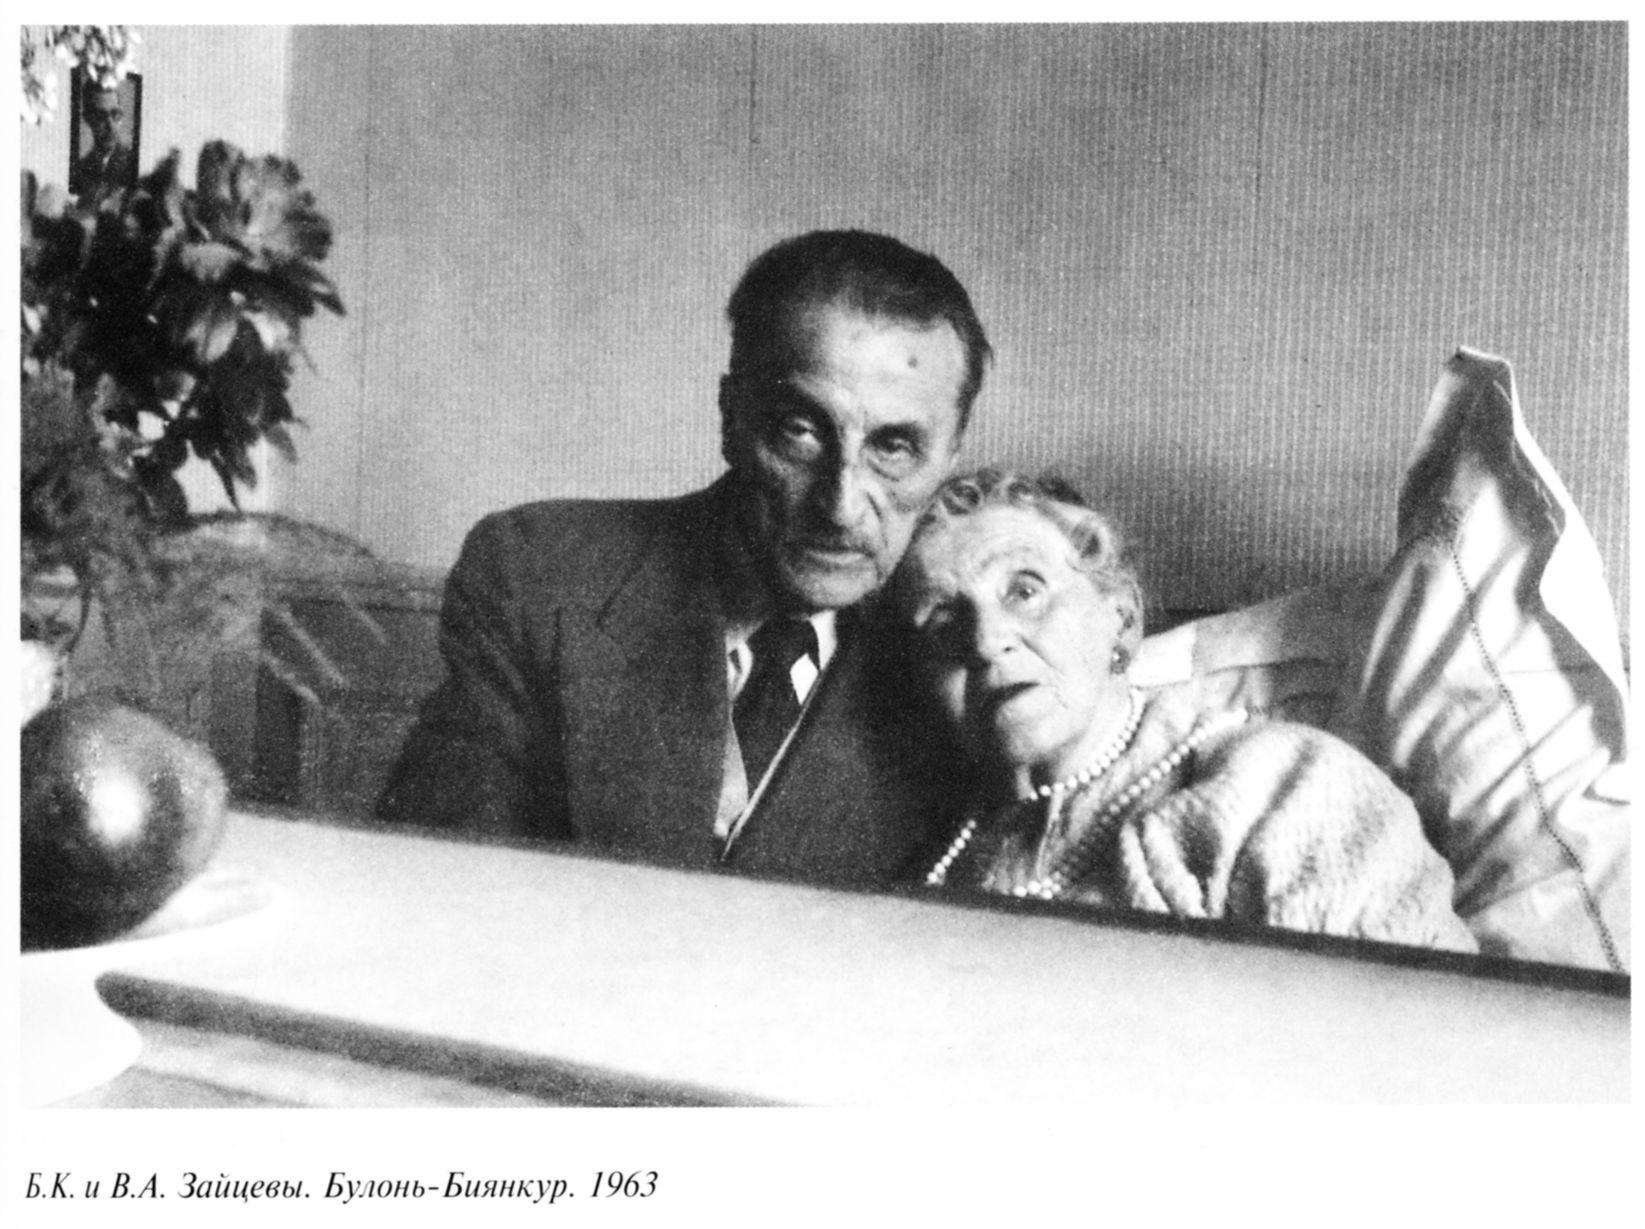 Борис и Вера Зайцевы: подвиг любви (Часть вторая)